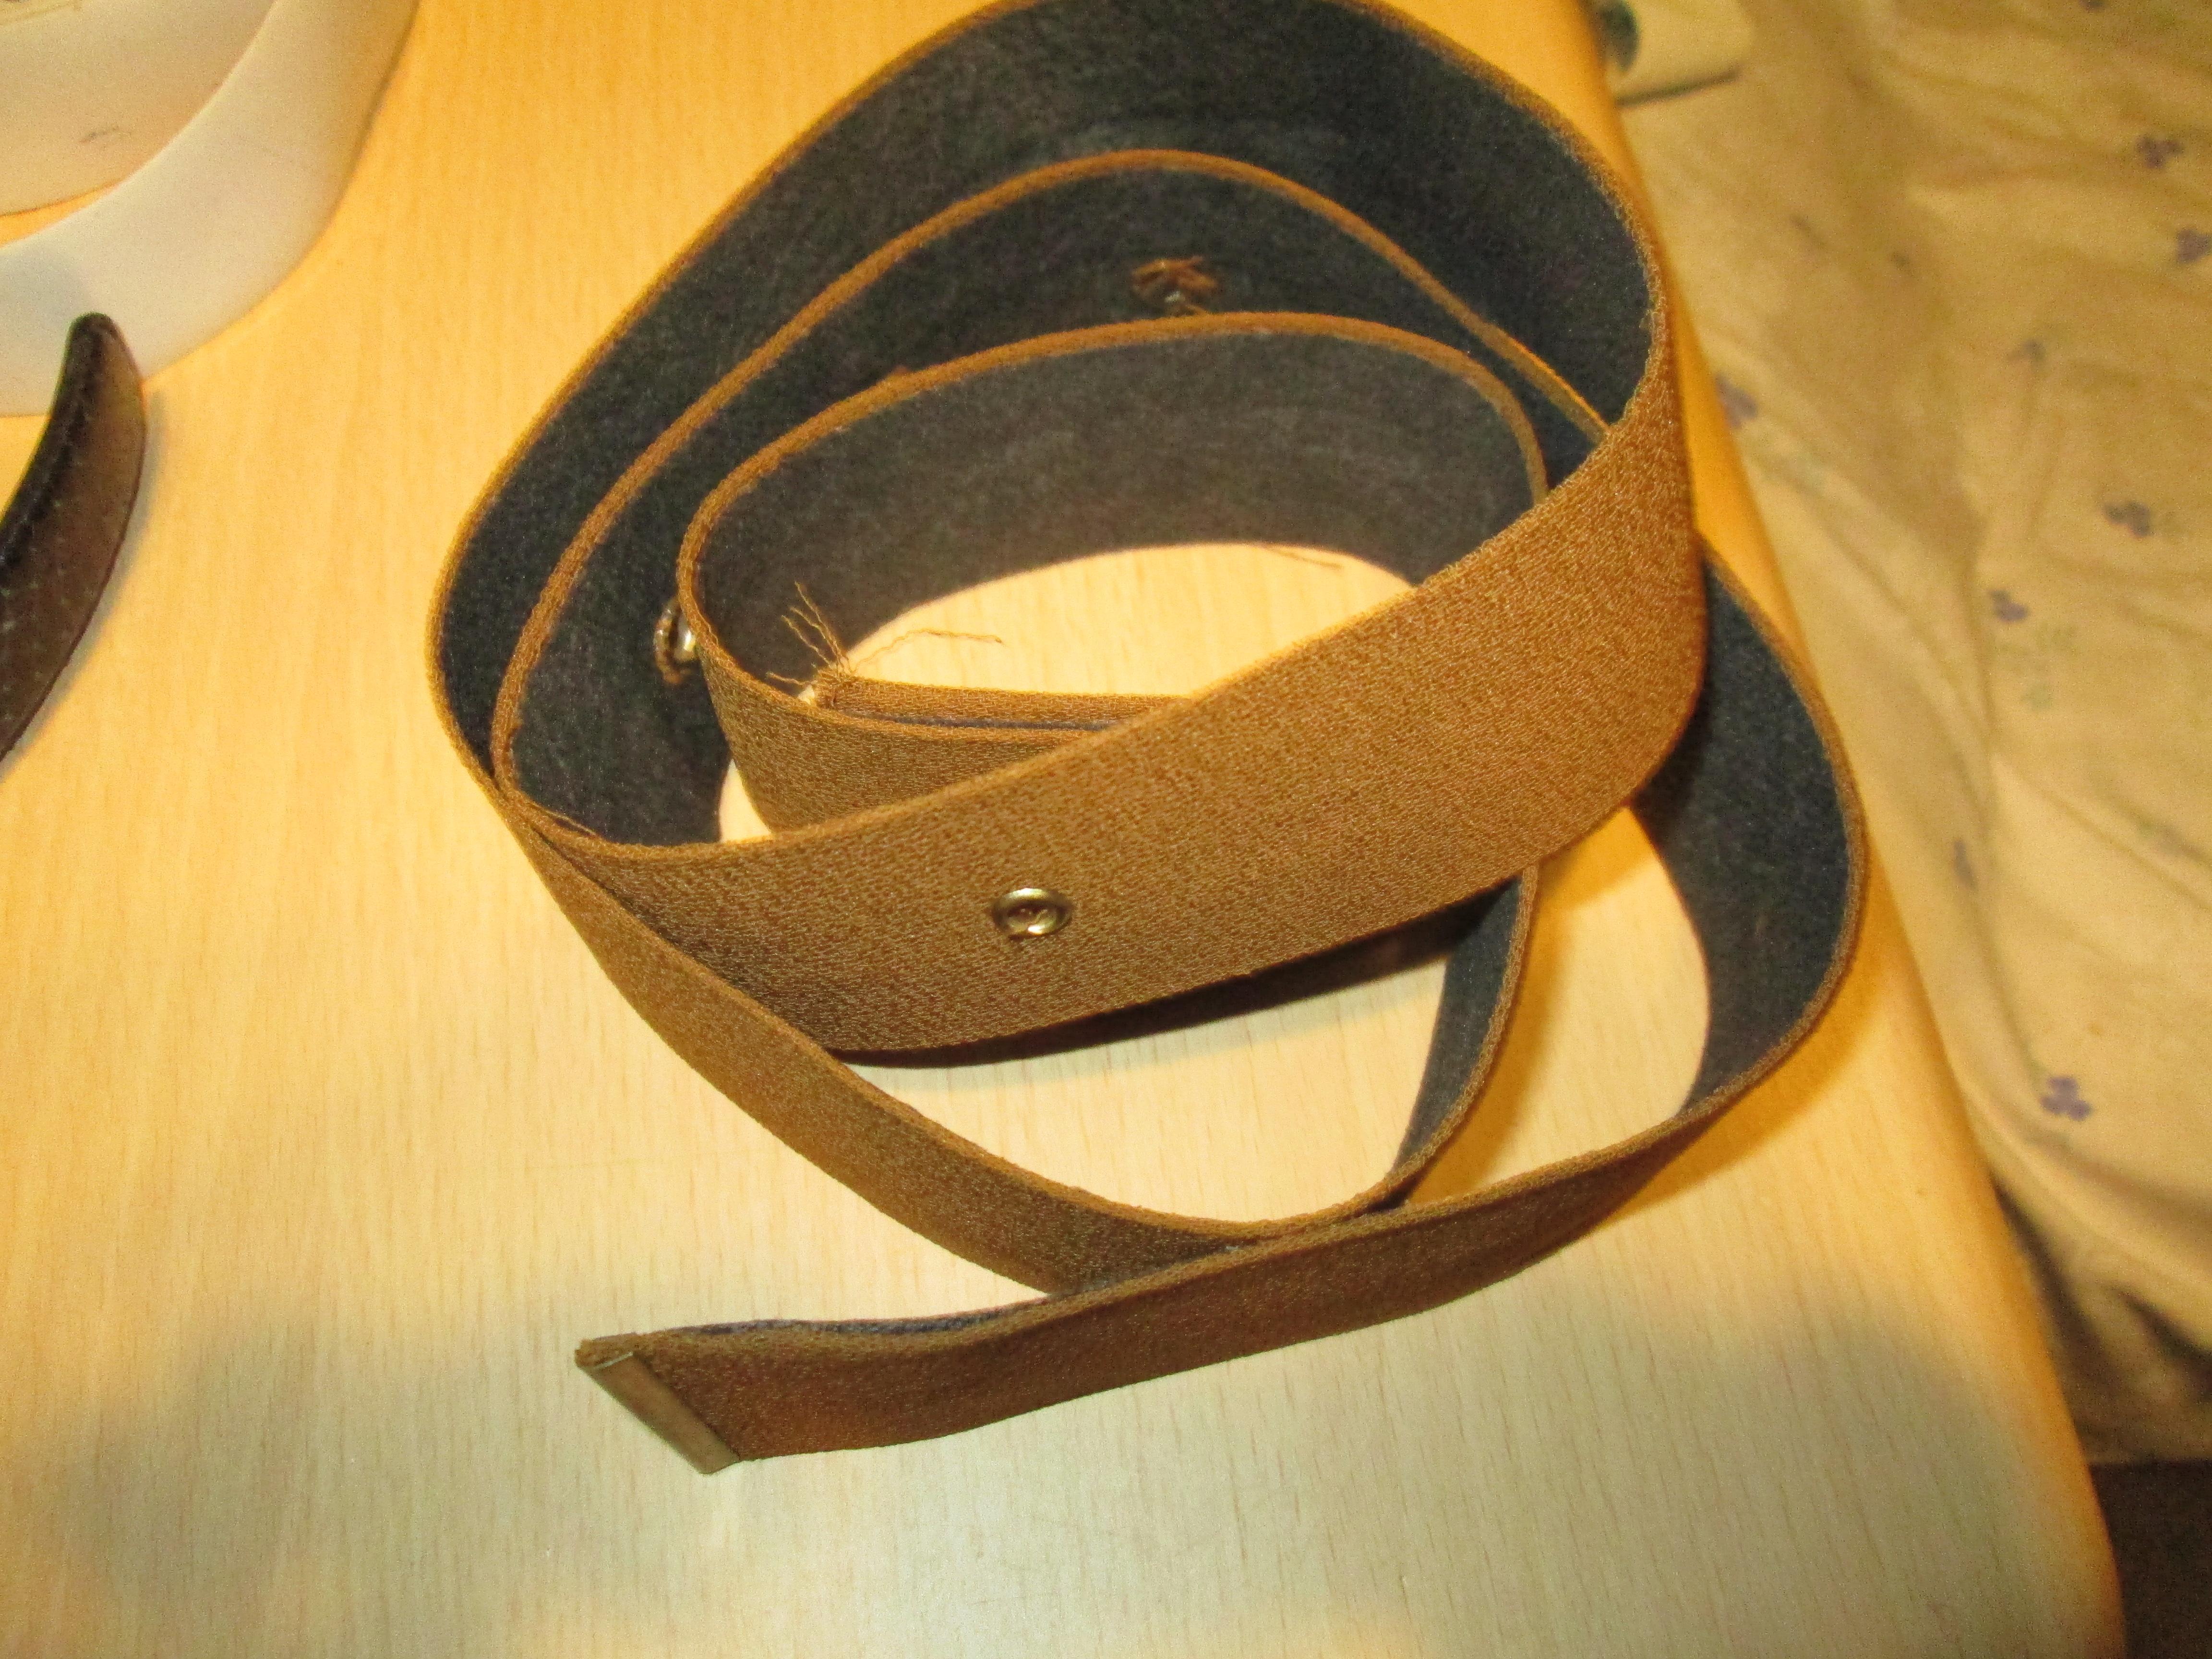 troc de troc ceinture  marron ocre 110 cm  3 noisettes image 0